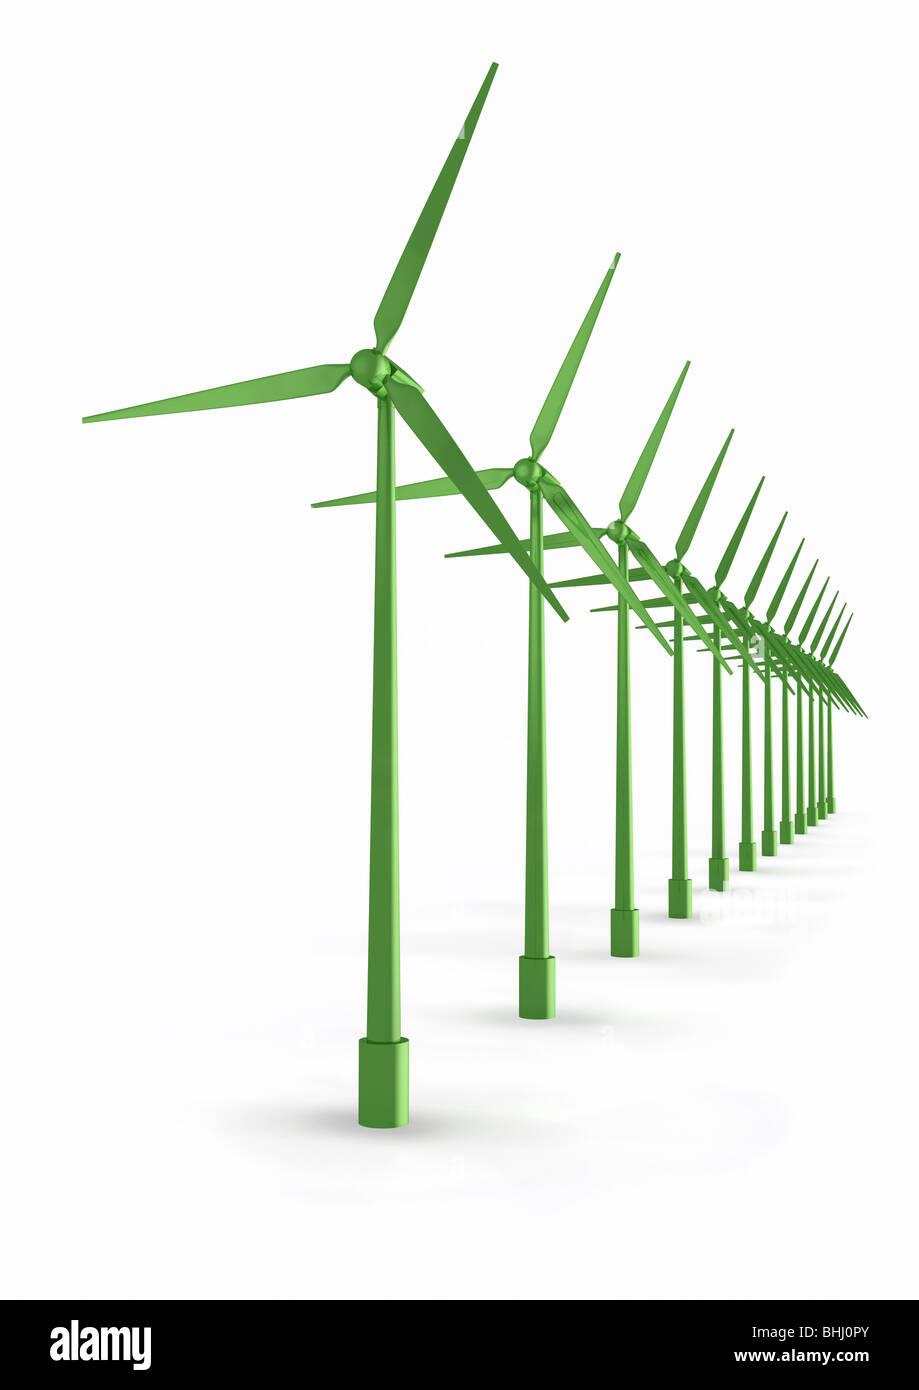 Windmills on white background - Windkraftanlagen auf weiss - Stock Image